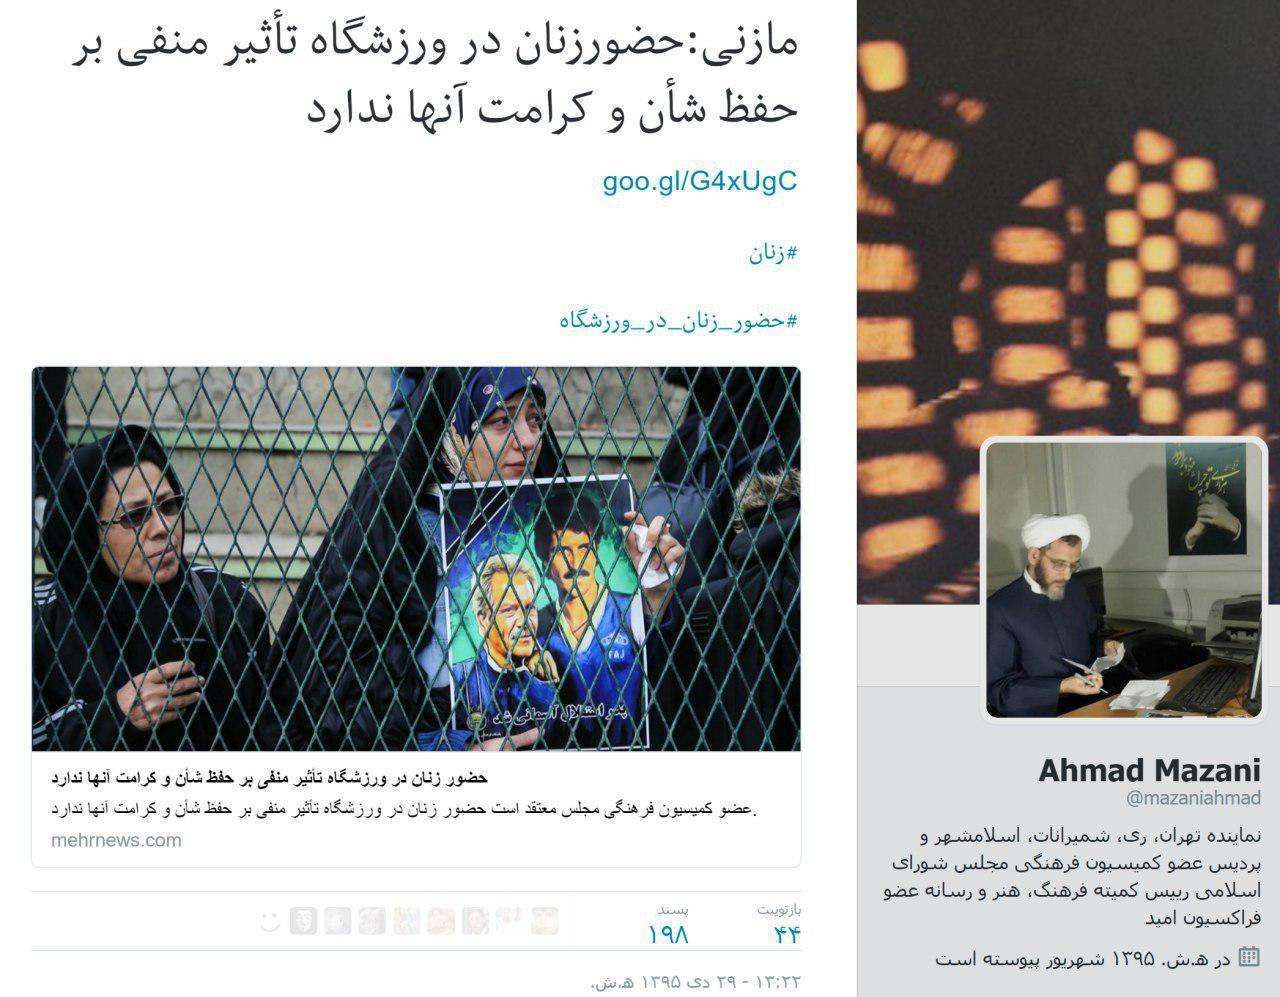 توئیت احمد مازنی درباره ورود زنان به ورزشگاه